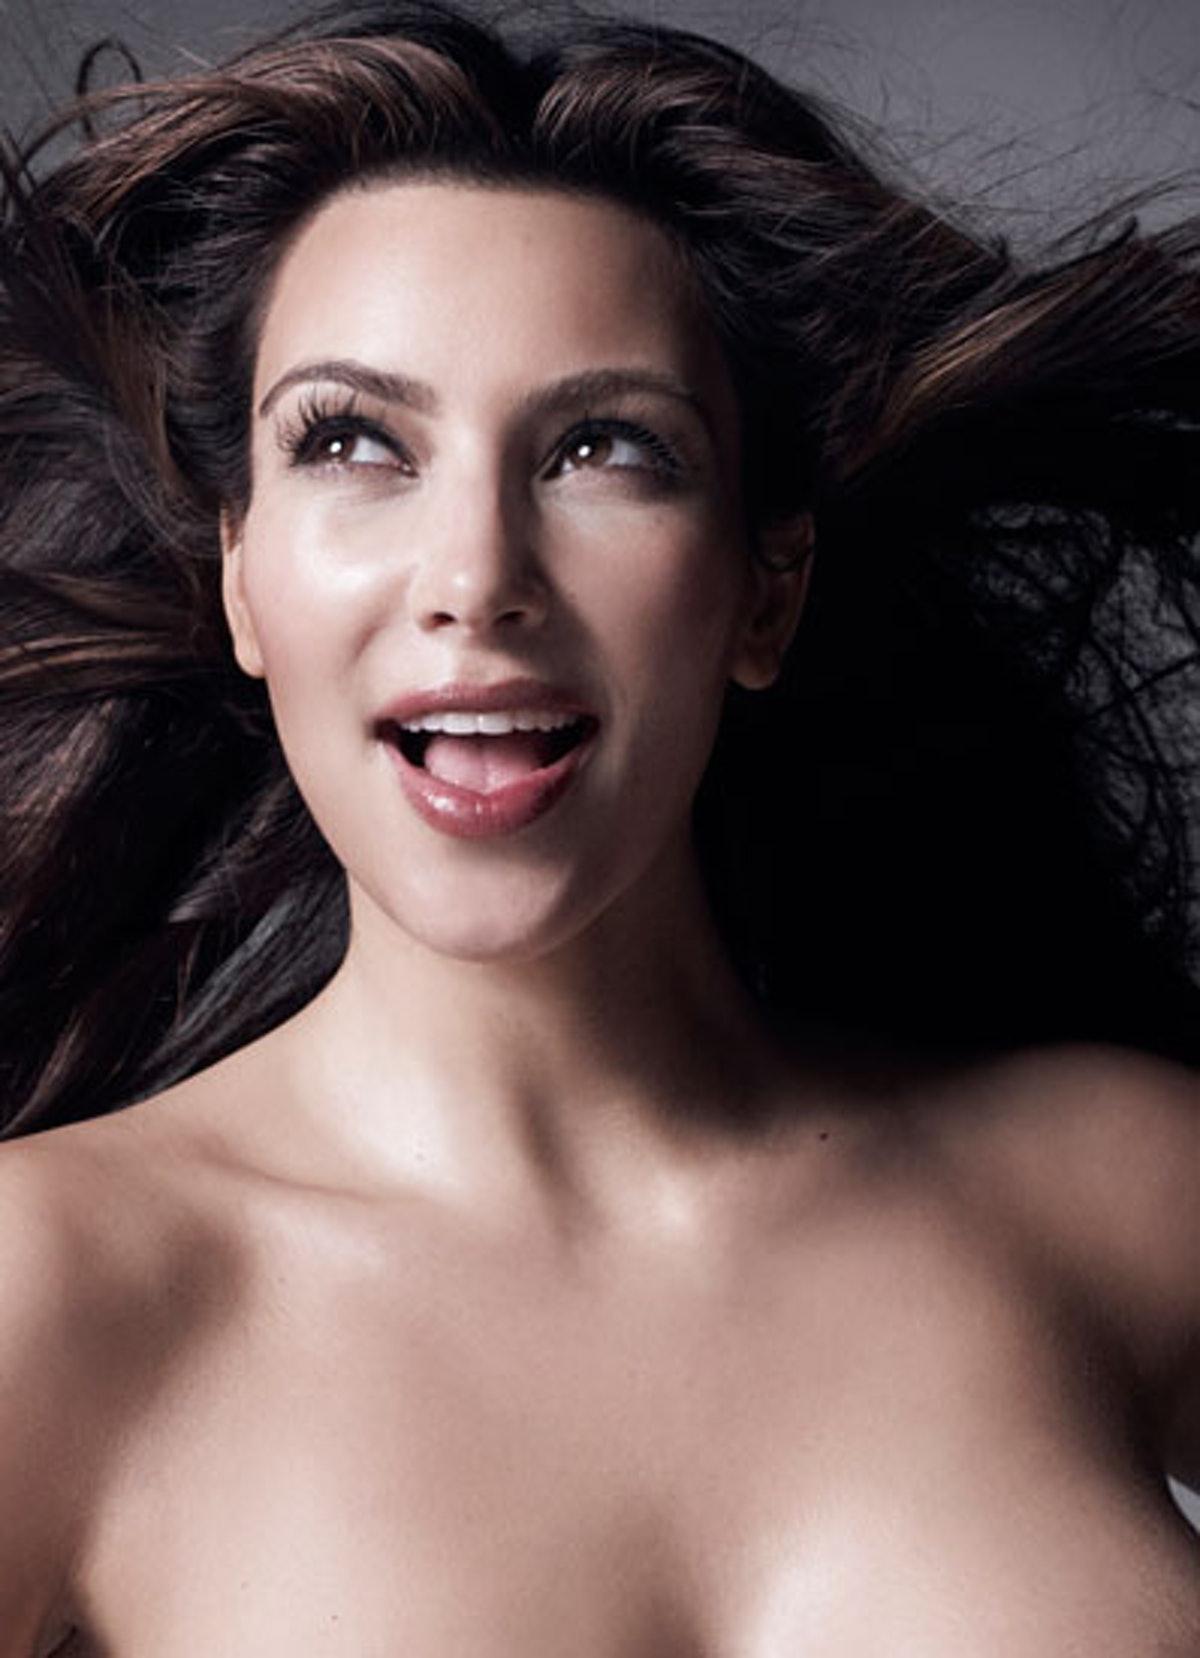 Kim Kardashian Nude Body Paint Photoshoot Leaked Uogfuk